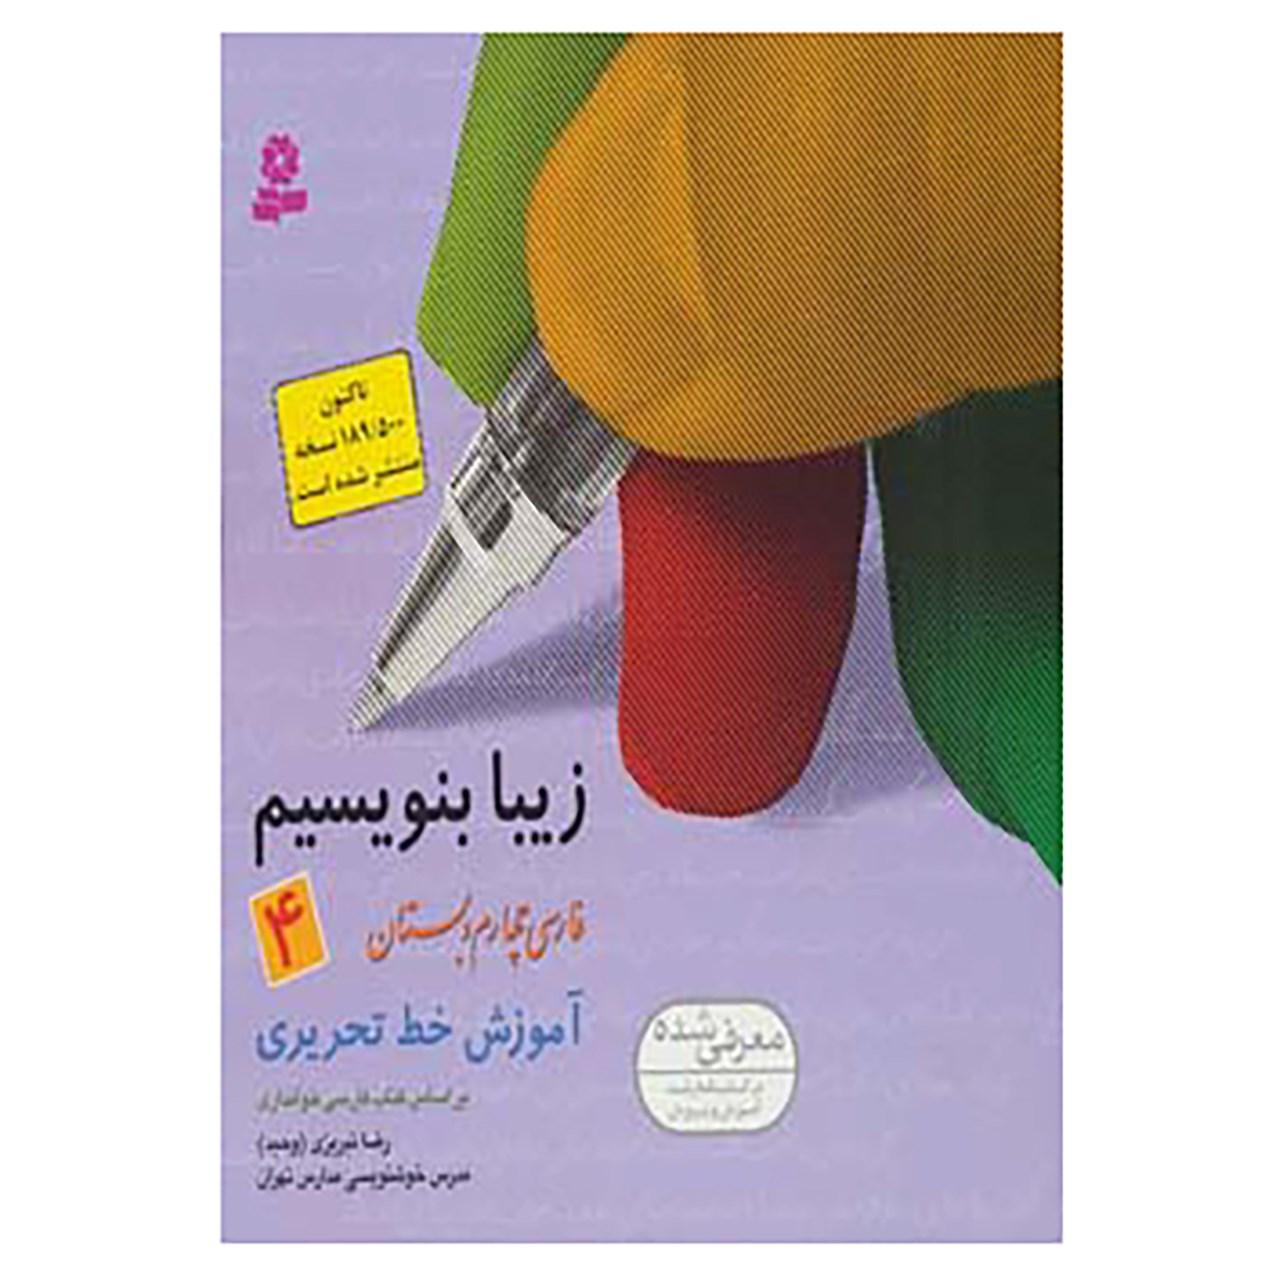 خرید                      کتاب زیبا بنویسیم 4 اثر رضا تبریزی